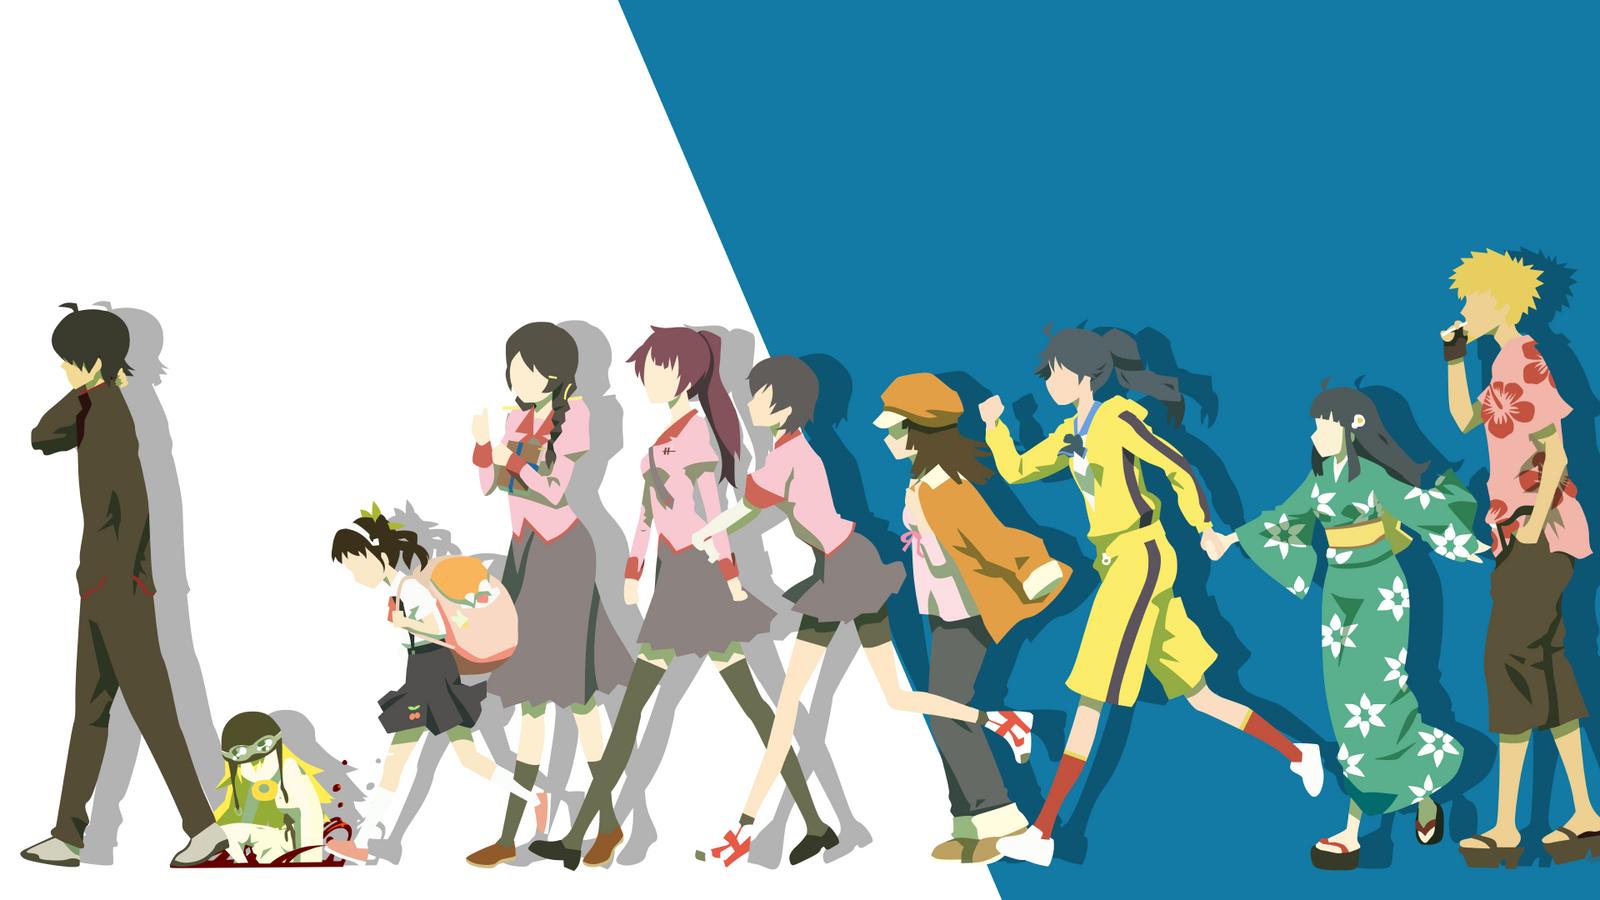 Monogatari Minimalist March of the Oddities by Yuki-Neh